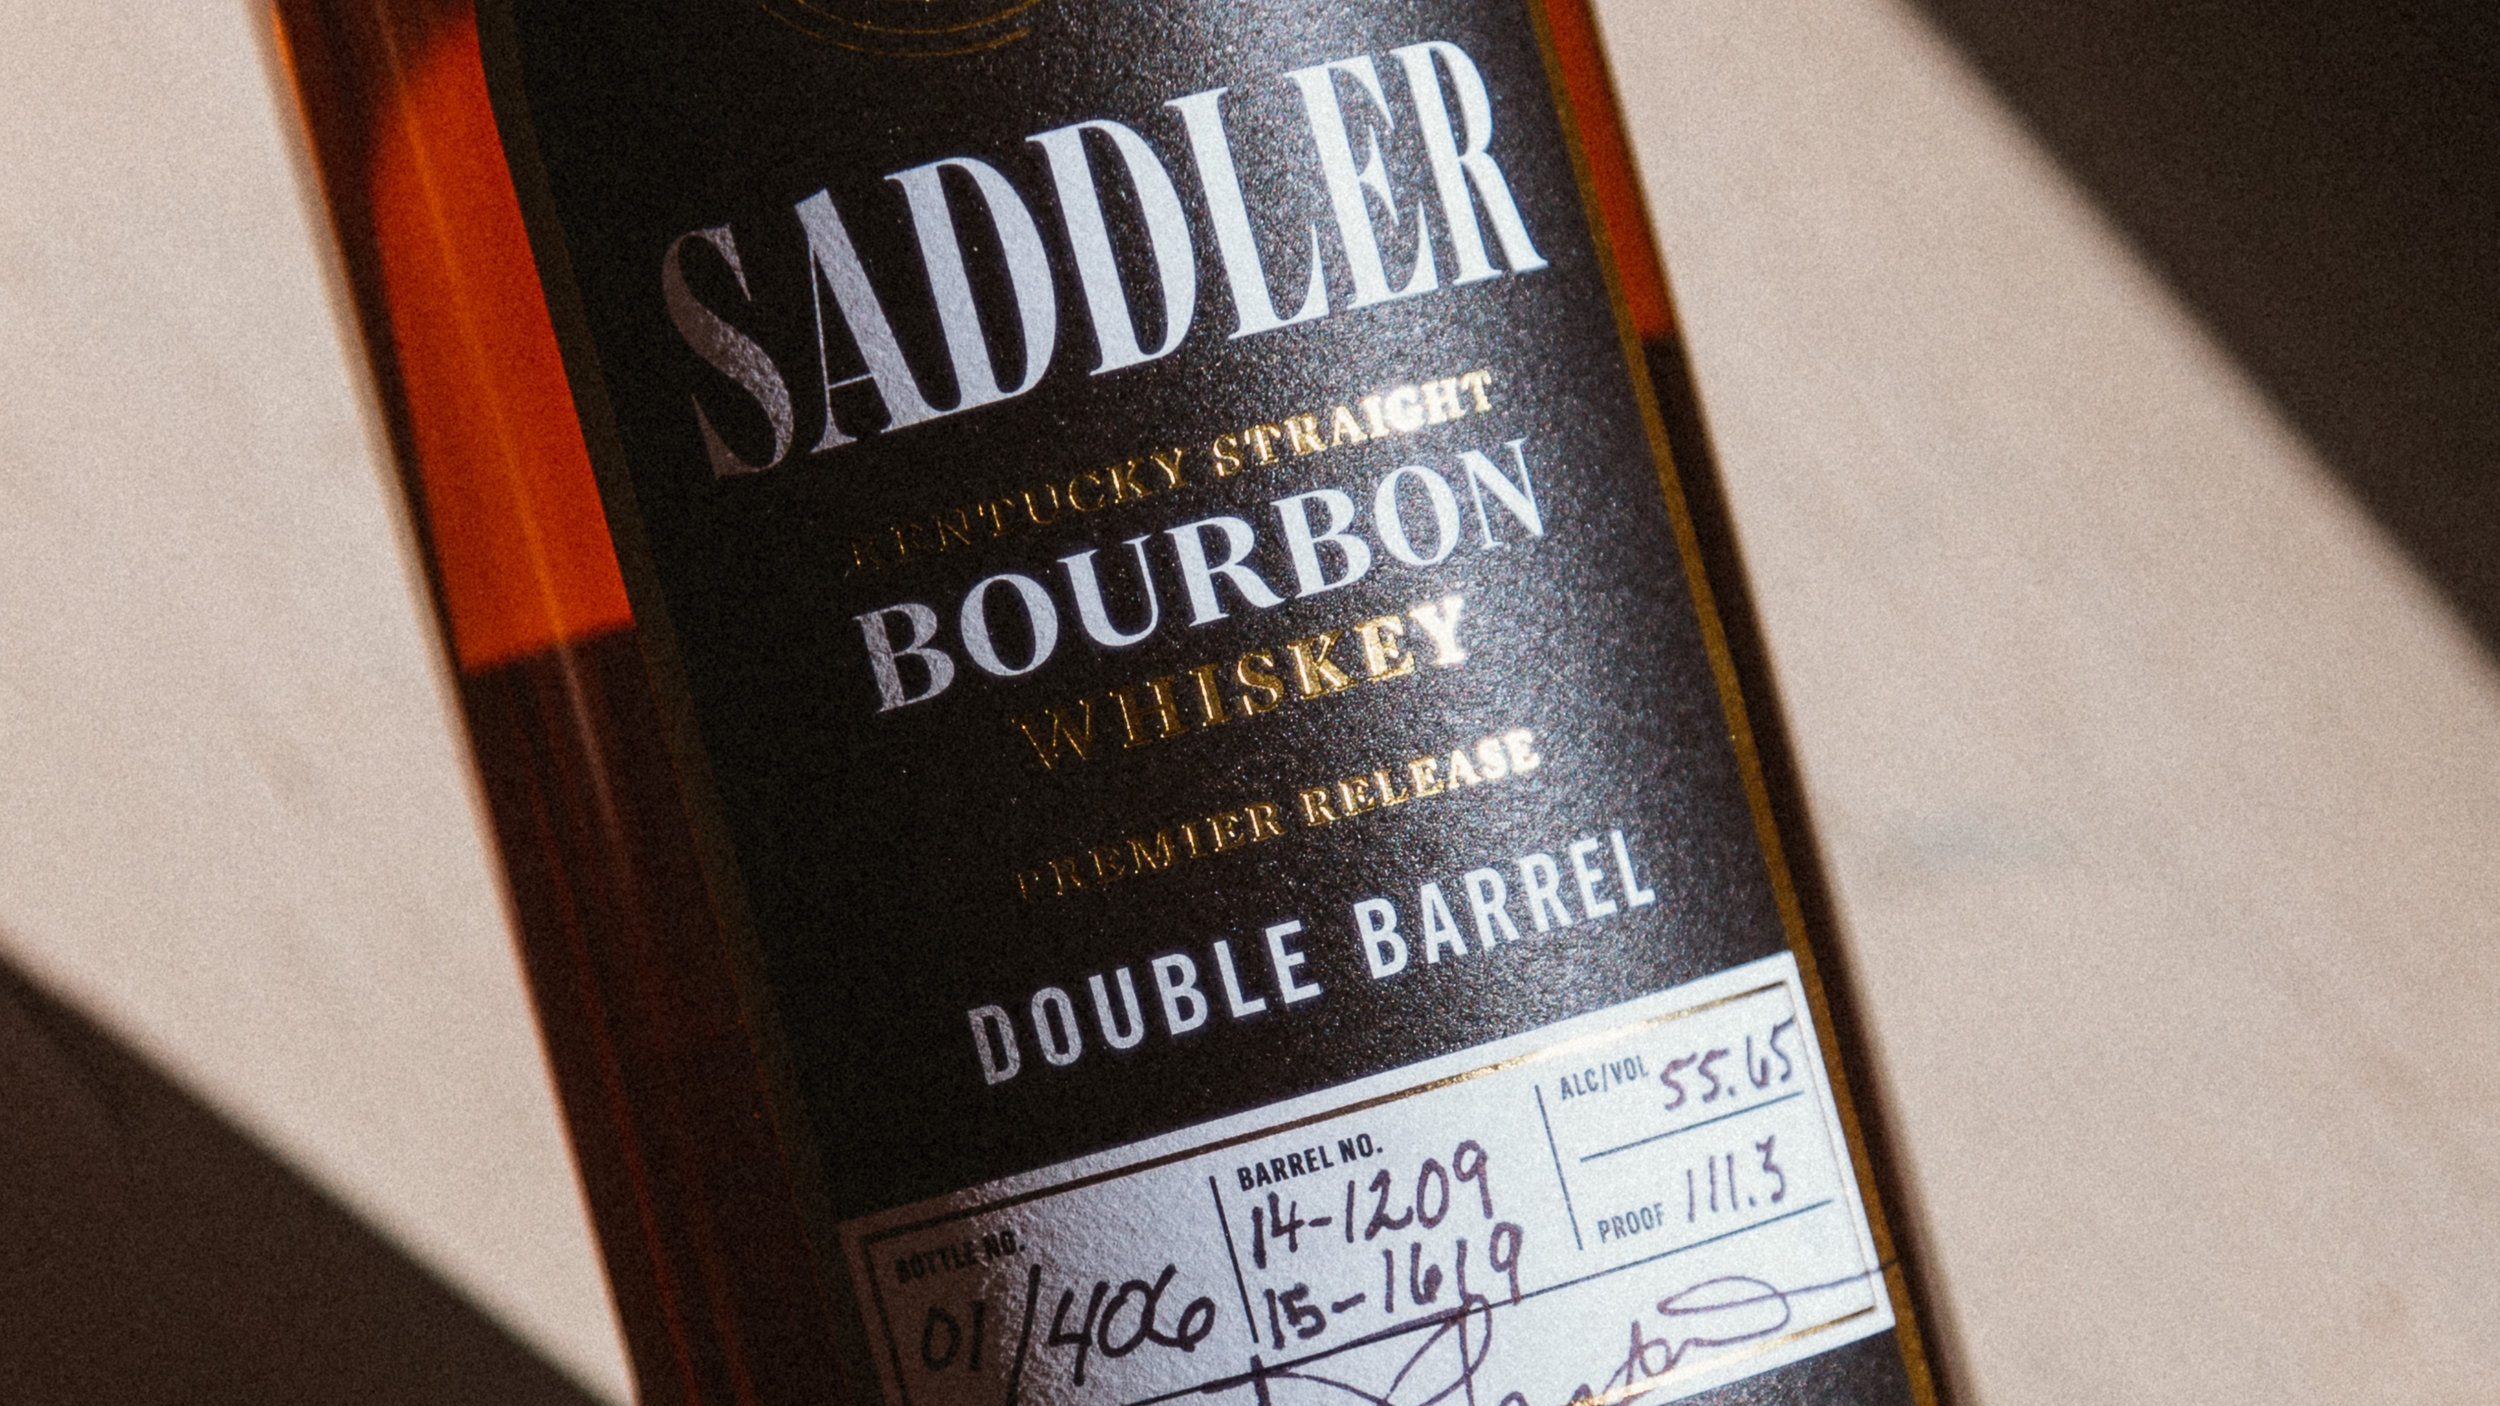 Saddler Distilling - Only One Barrelcan be the Best